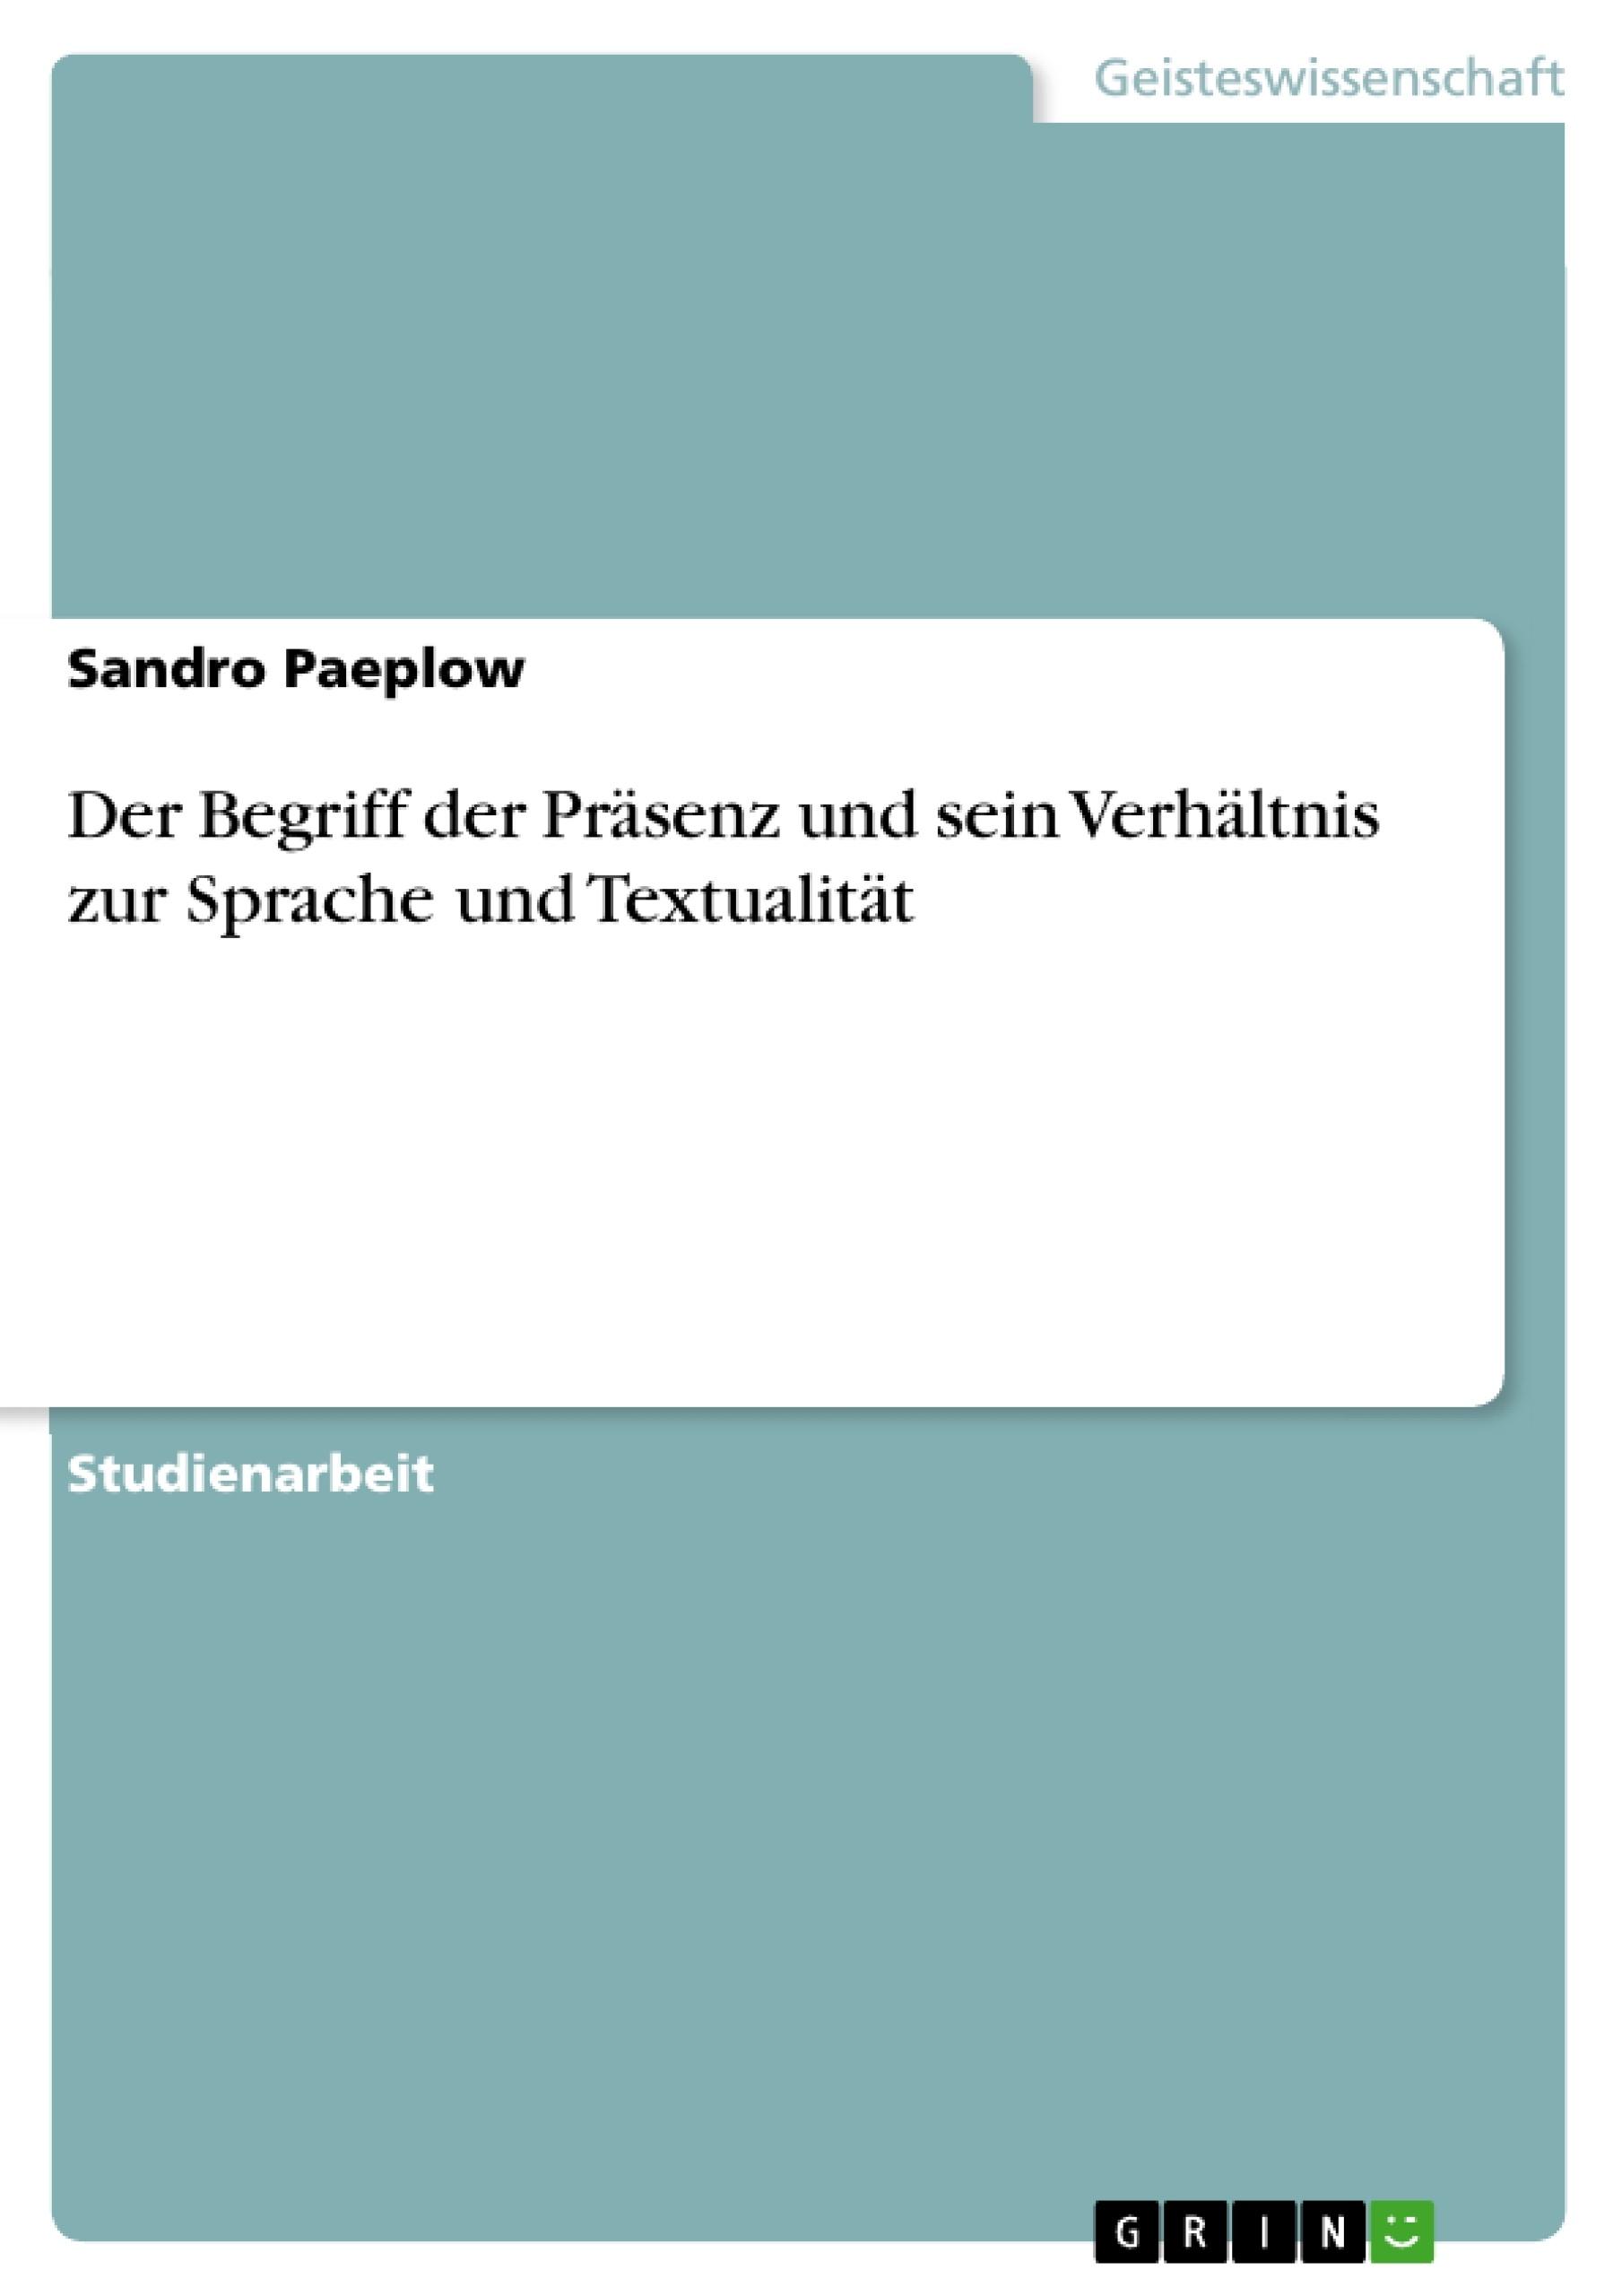 Titel: Der Begriff der Präsenz und sein Verhältnis zur Sprache und Textualität